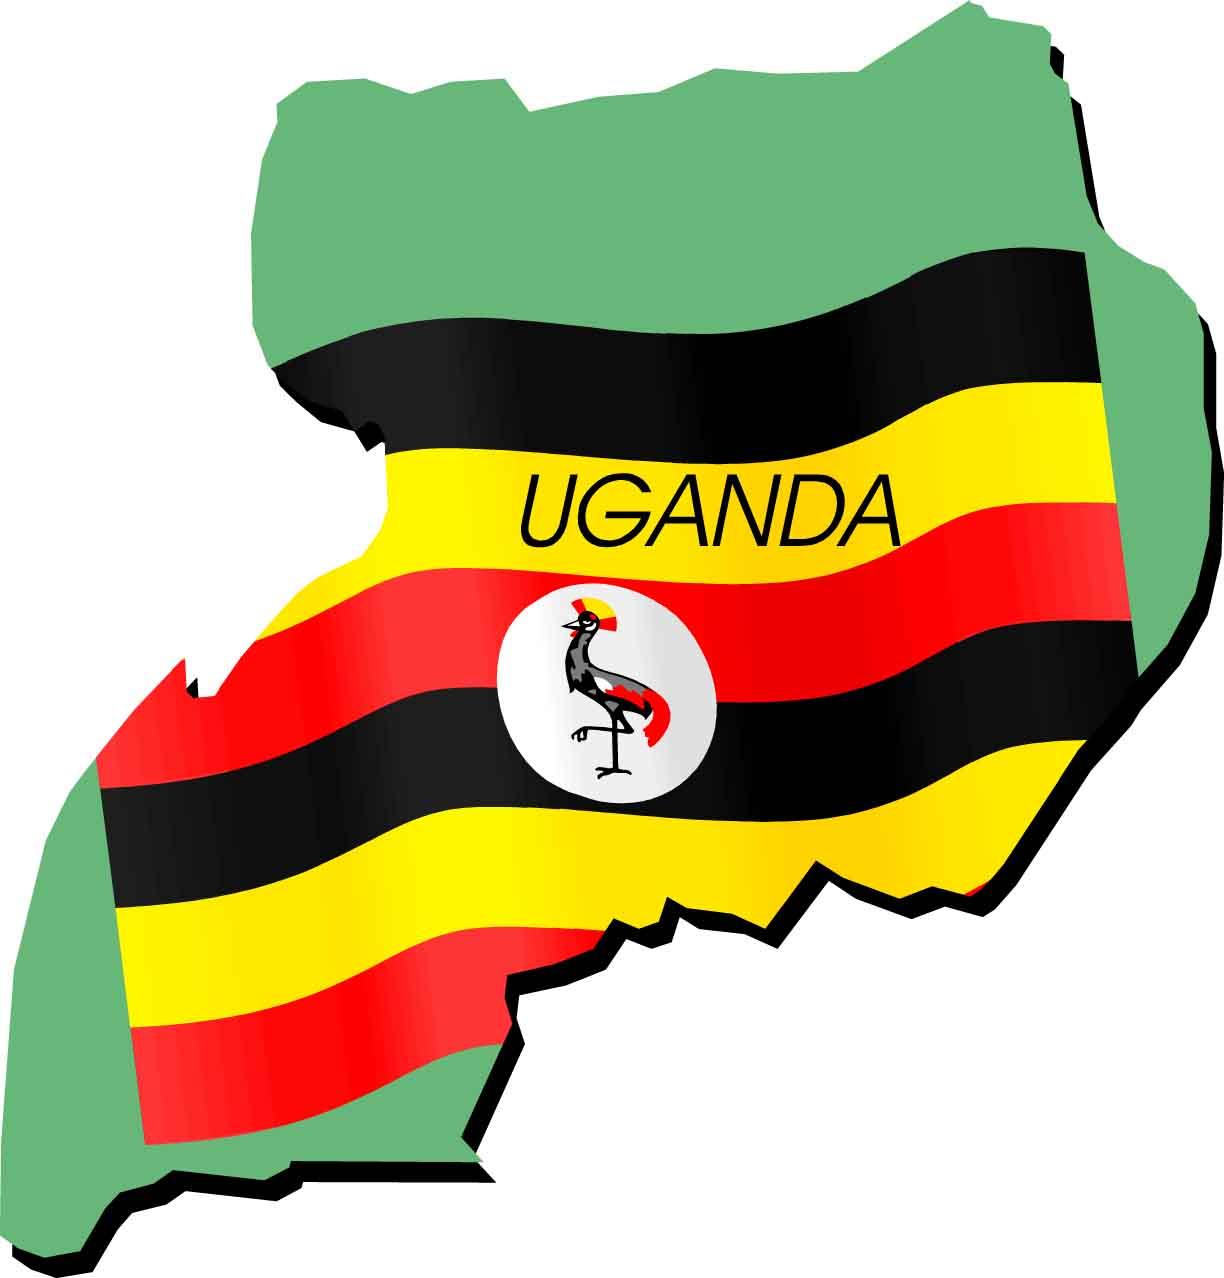 Uganda Musics